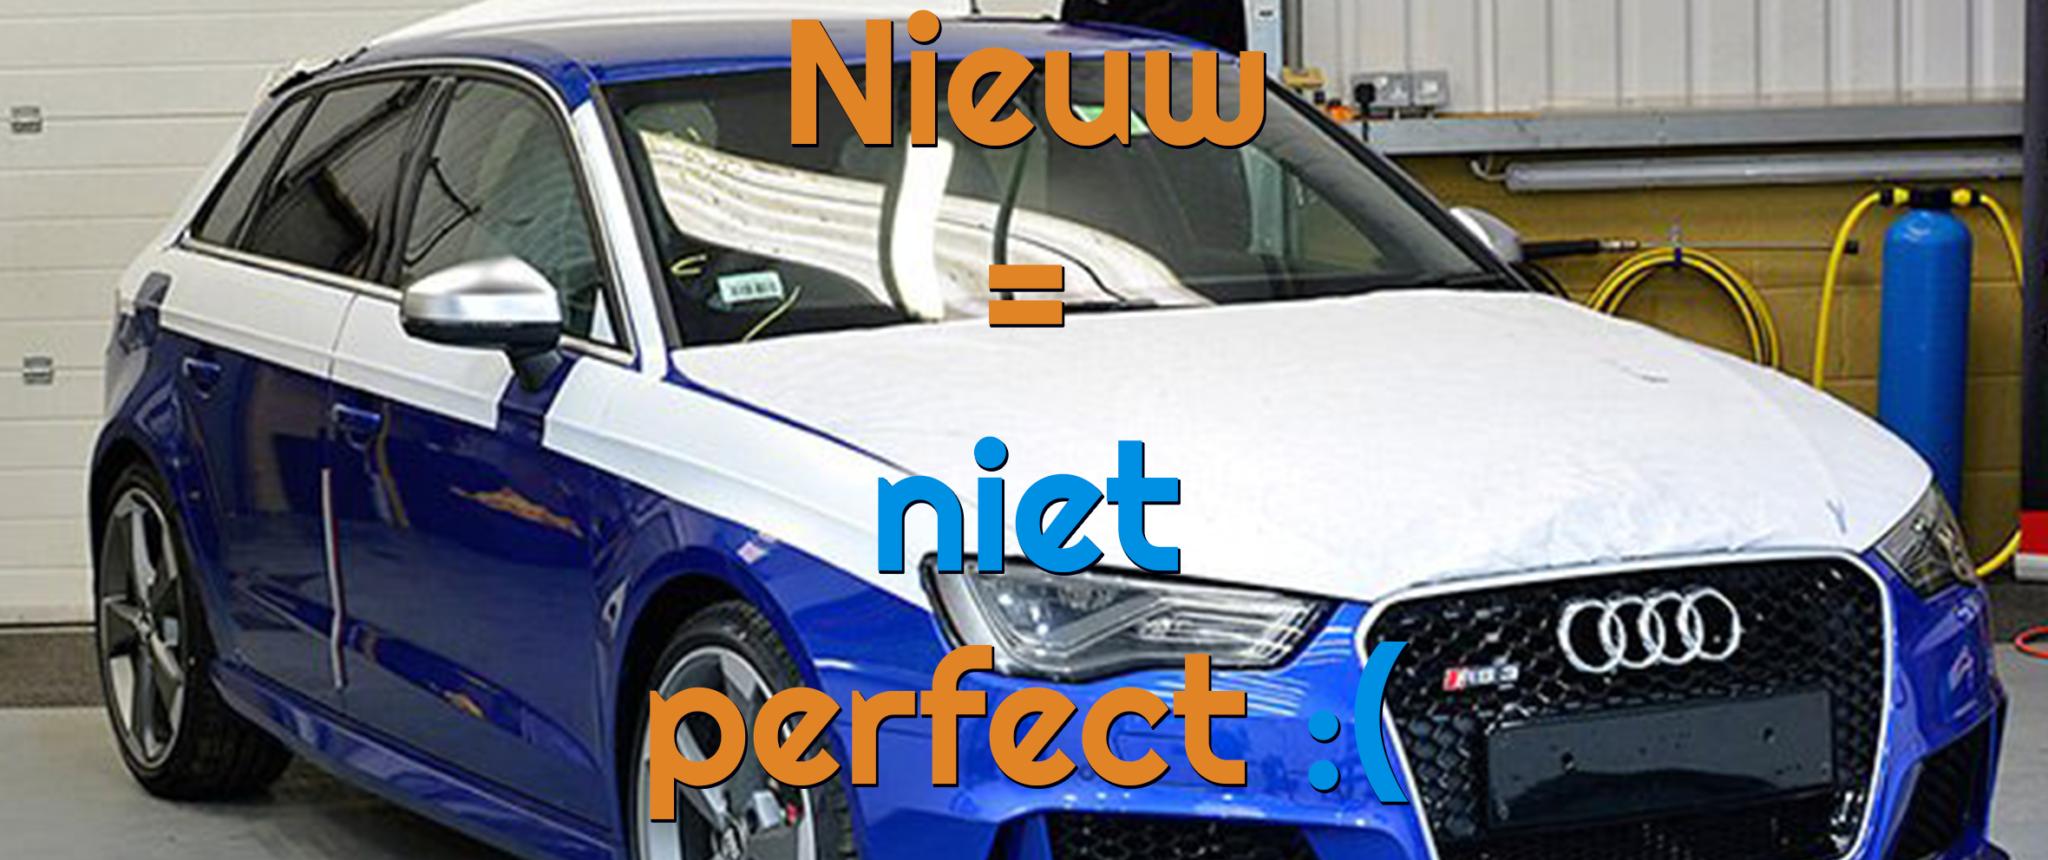 Nieuwe auto's zijn niet perfect